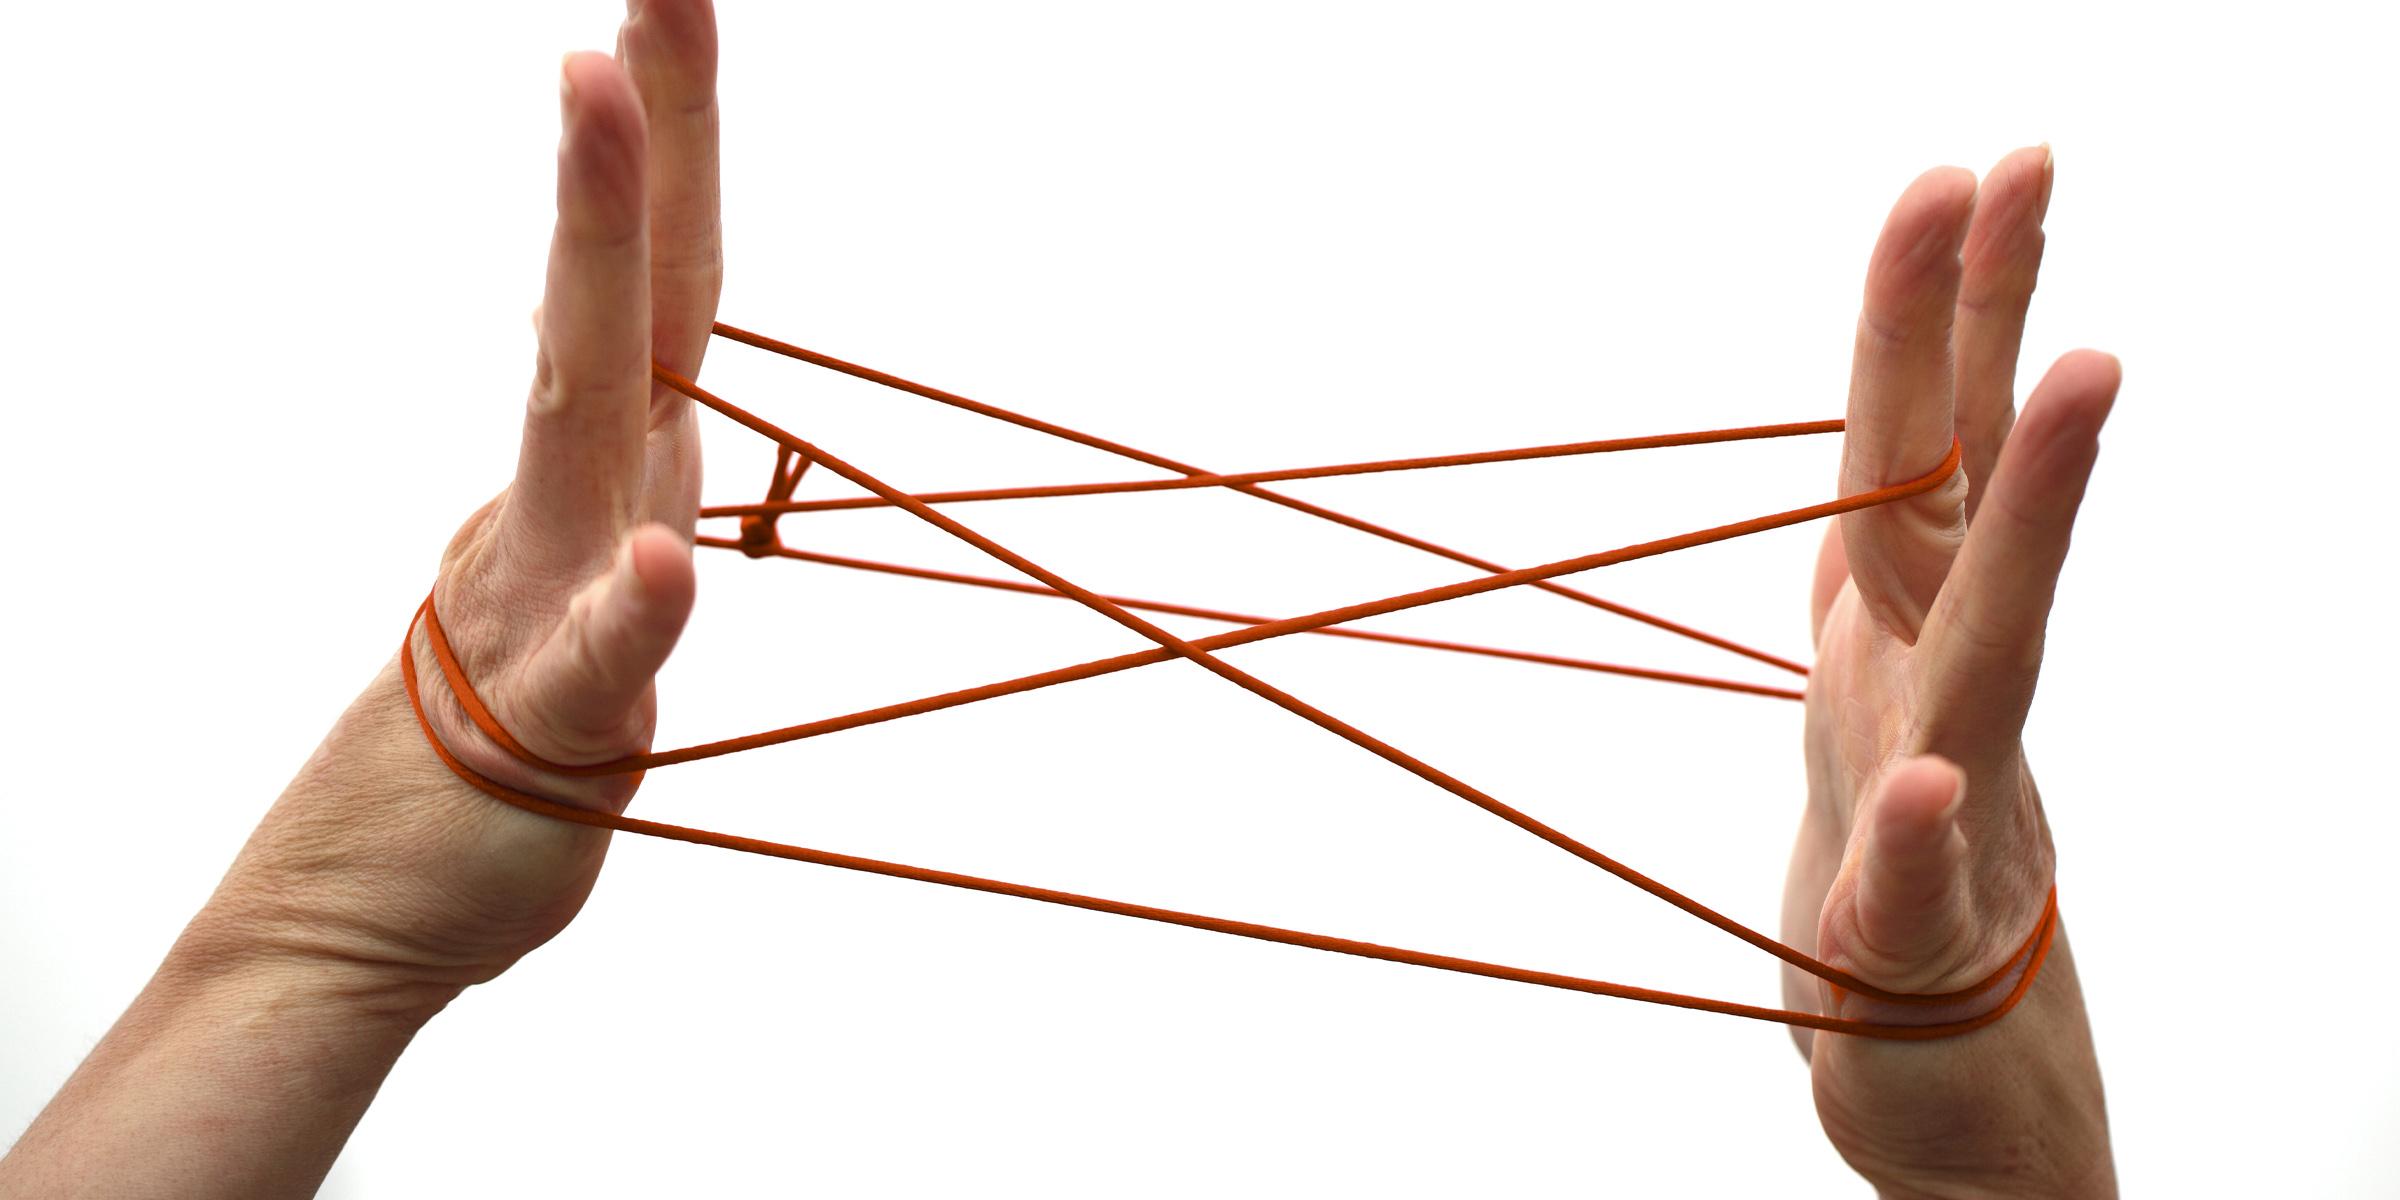 Zwei Hände spielen mit Fäden